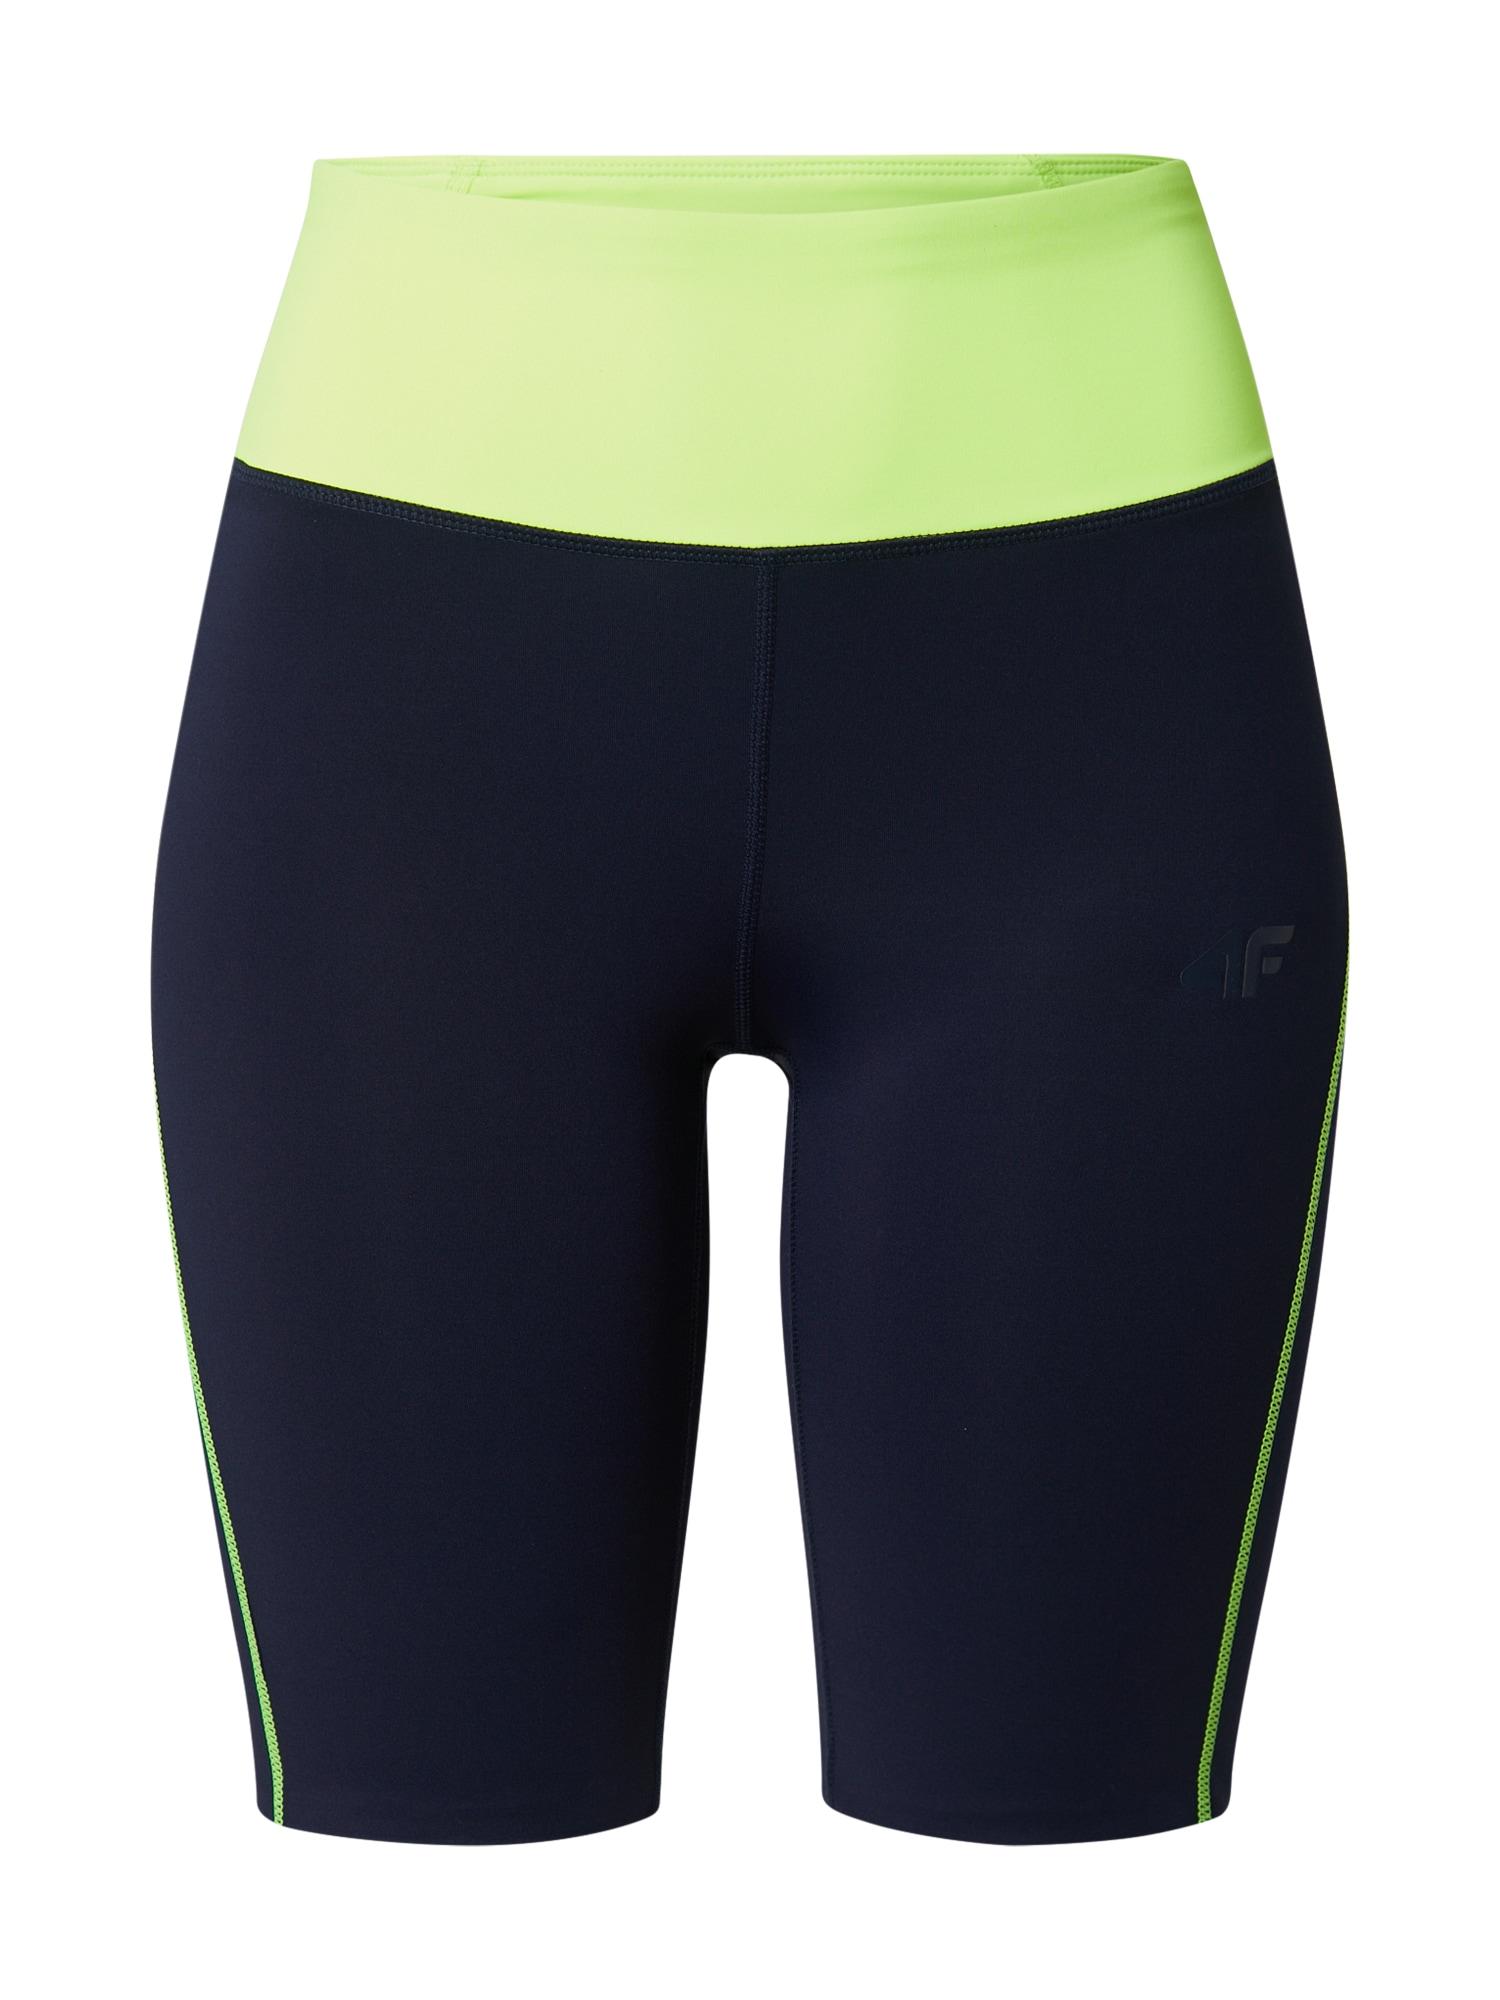 4F Sportinės kelnės tamsiai mėlyna / šviesiai žalia